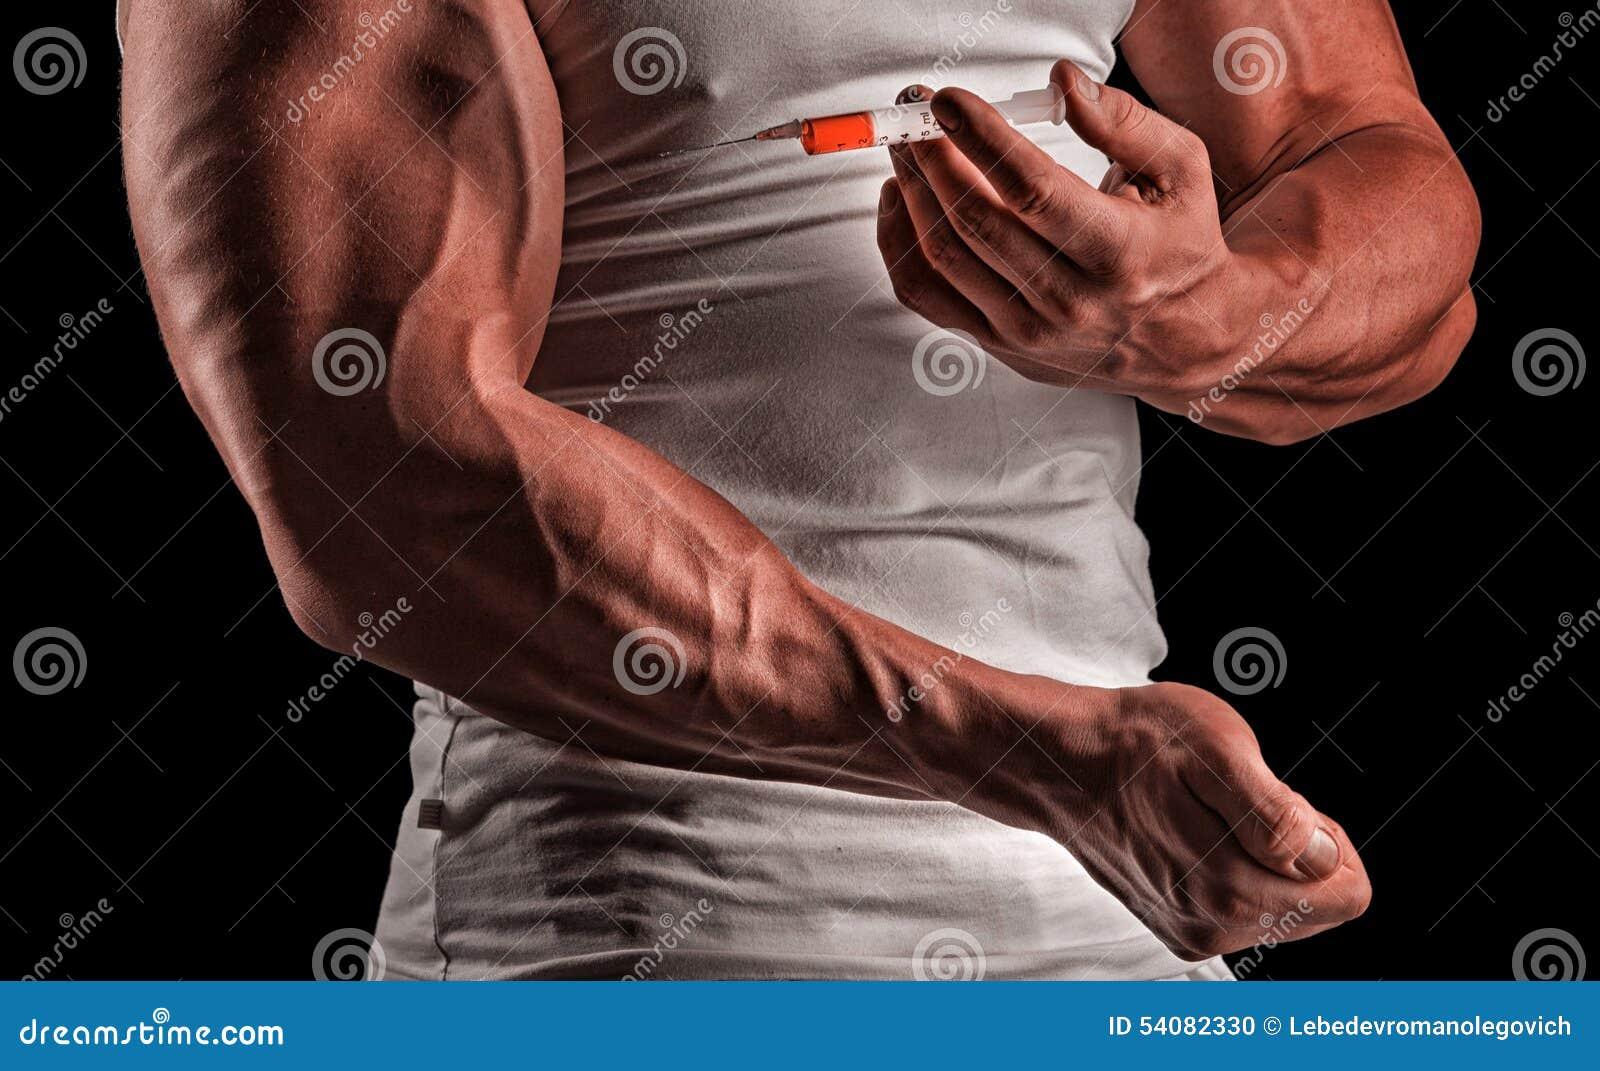 En muskulös man med en injektionsspruta